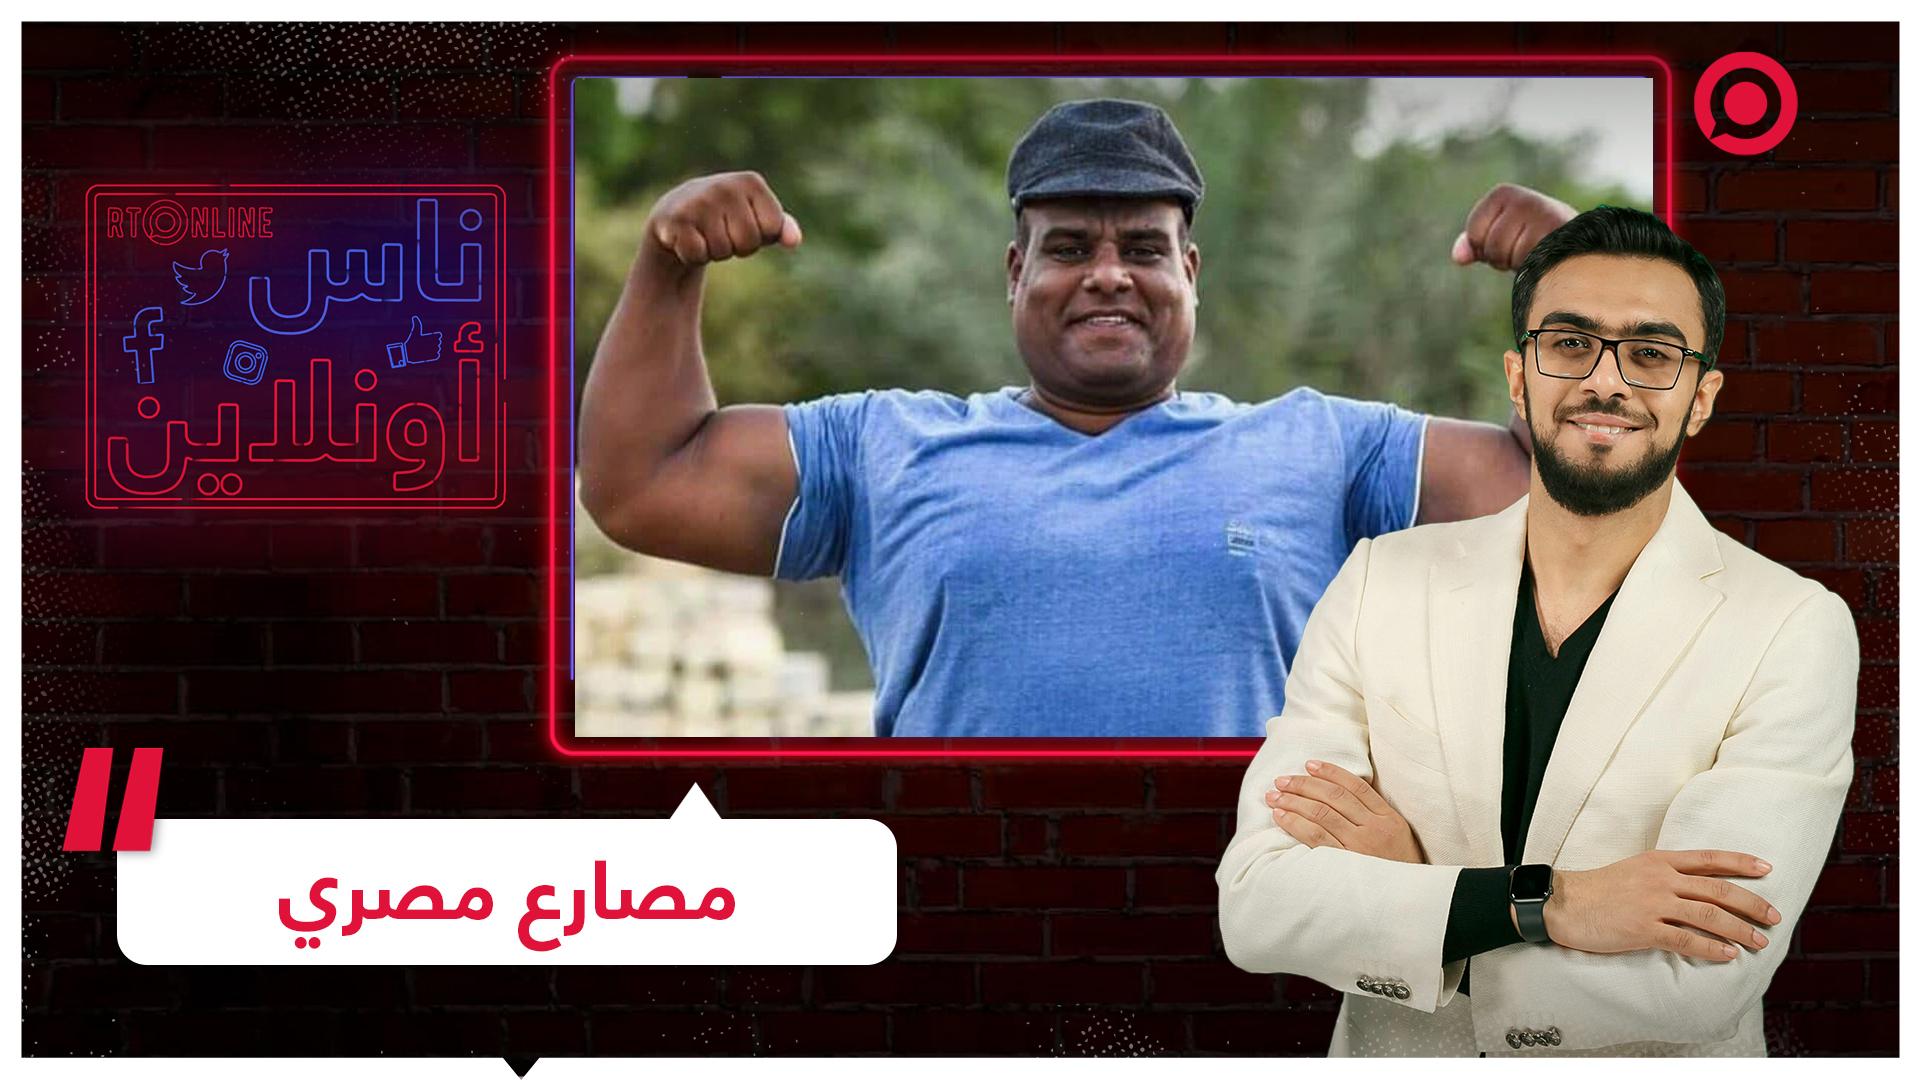 مصارع مصري يسعى لتحقيق لقب